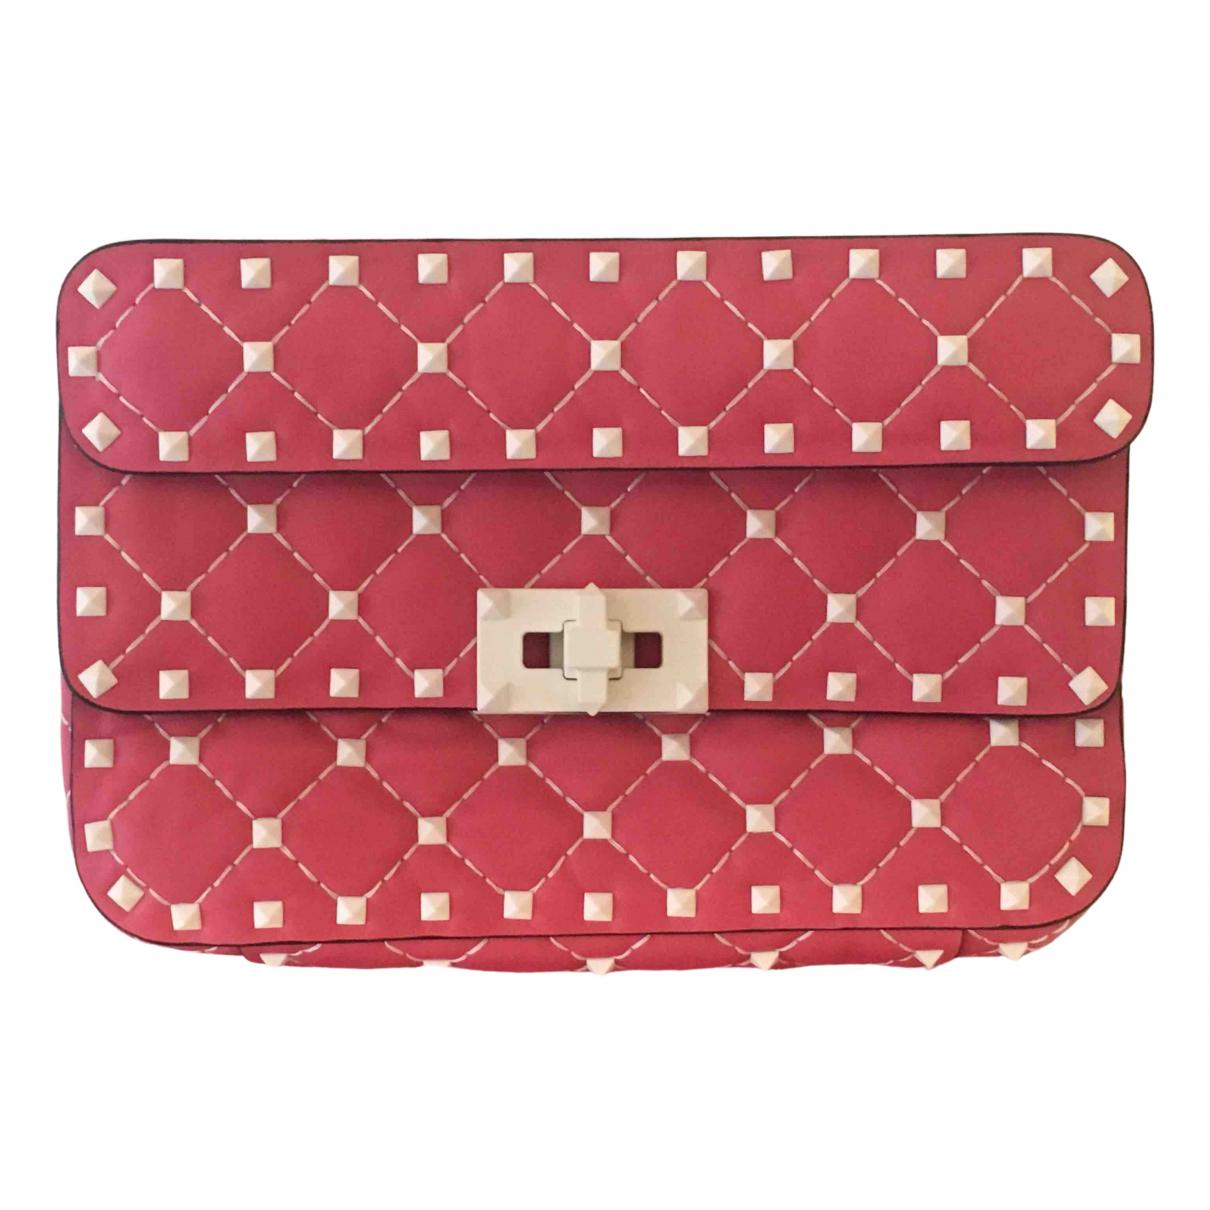 Valentino Garavani Rockstud spike Handtasche in  Rosa Leder